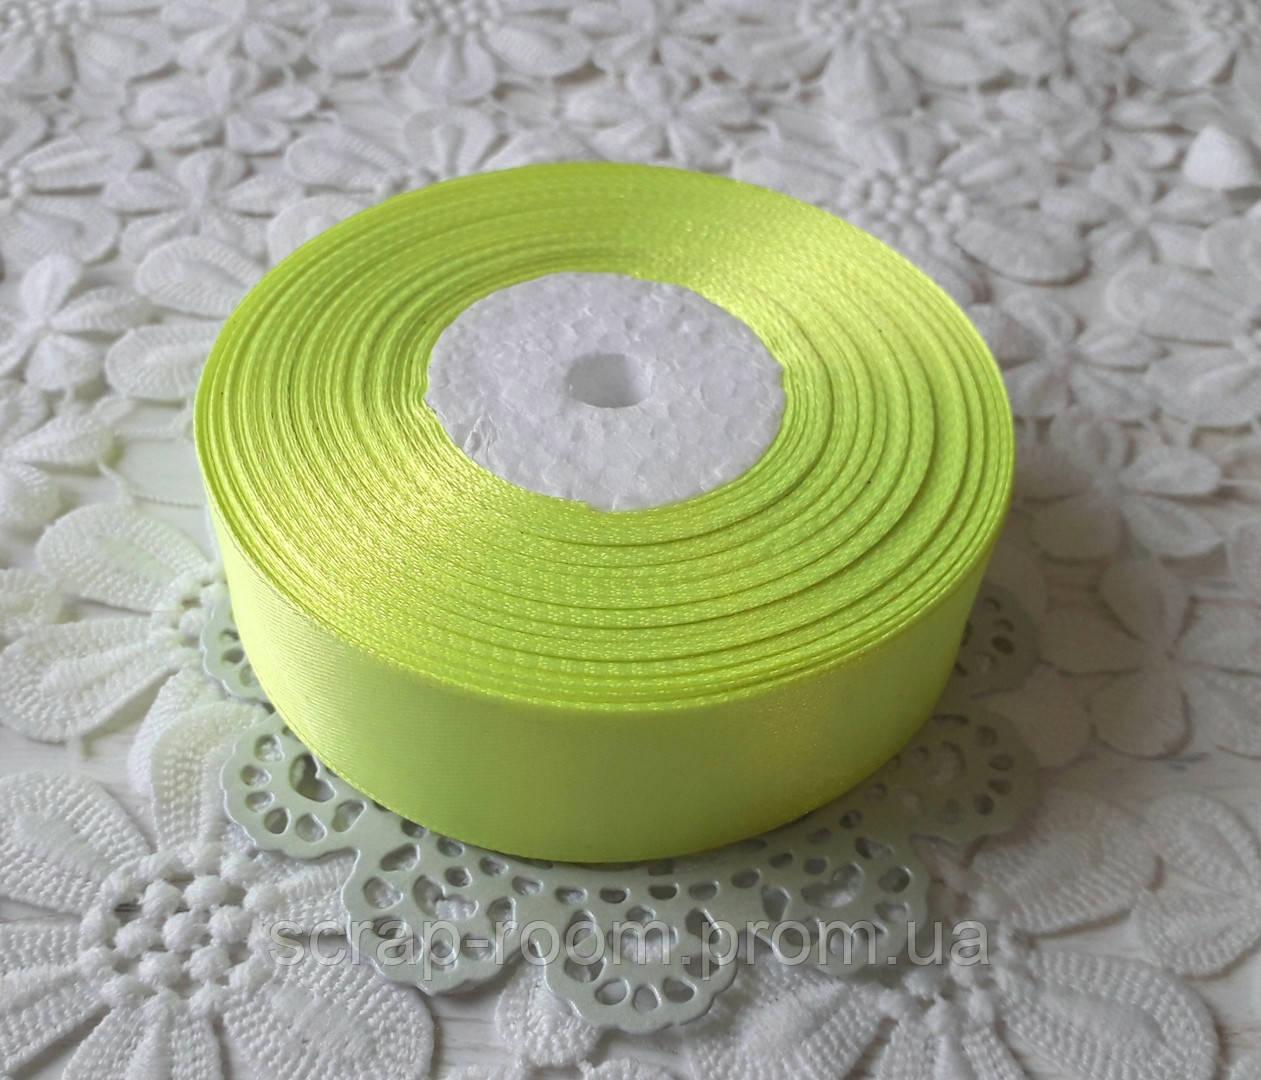 Лента атласная 2,5 см светло-салатовая, лента цвет салатовый атлас, лента атласная салатовый, цена за метр